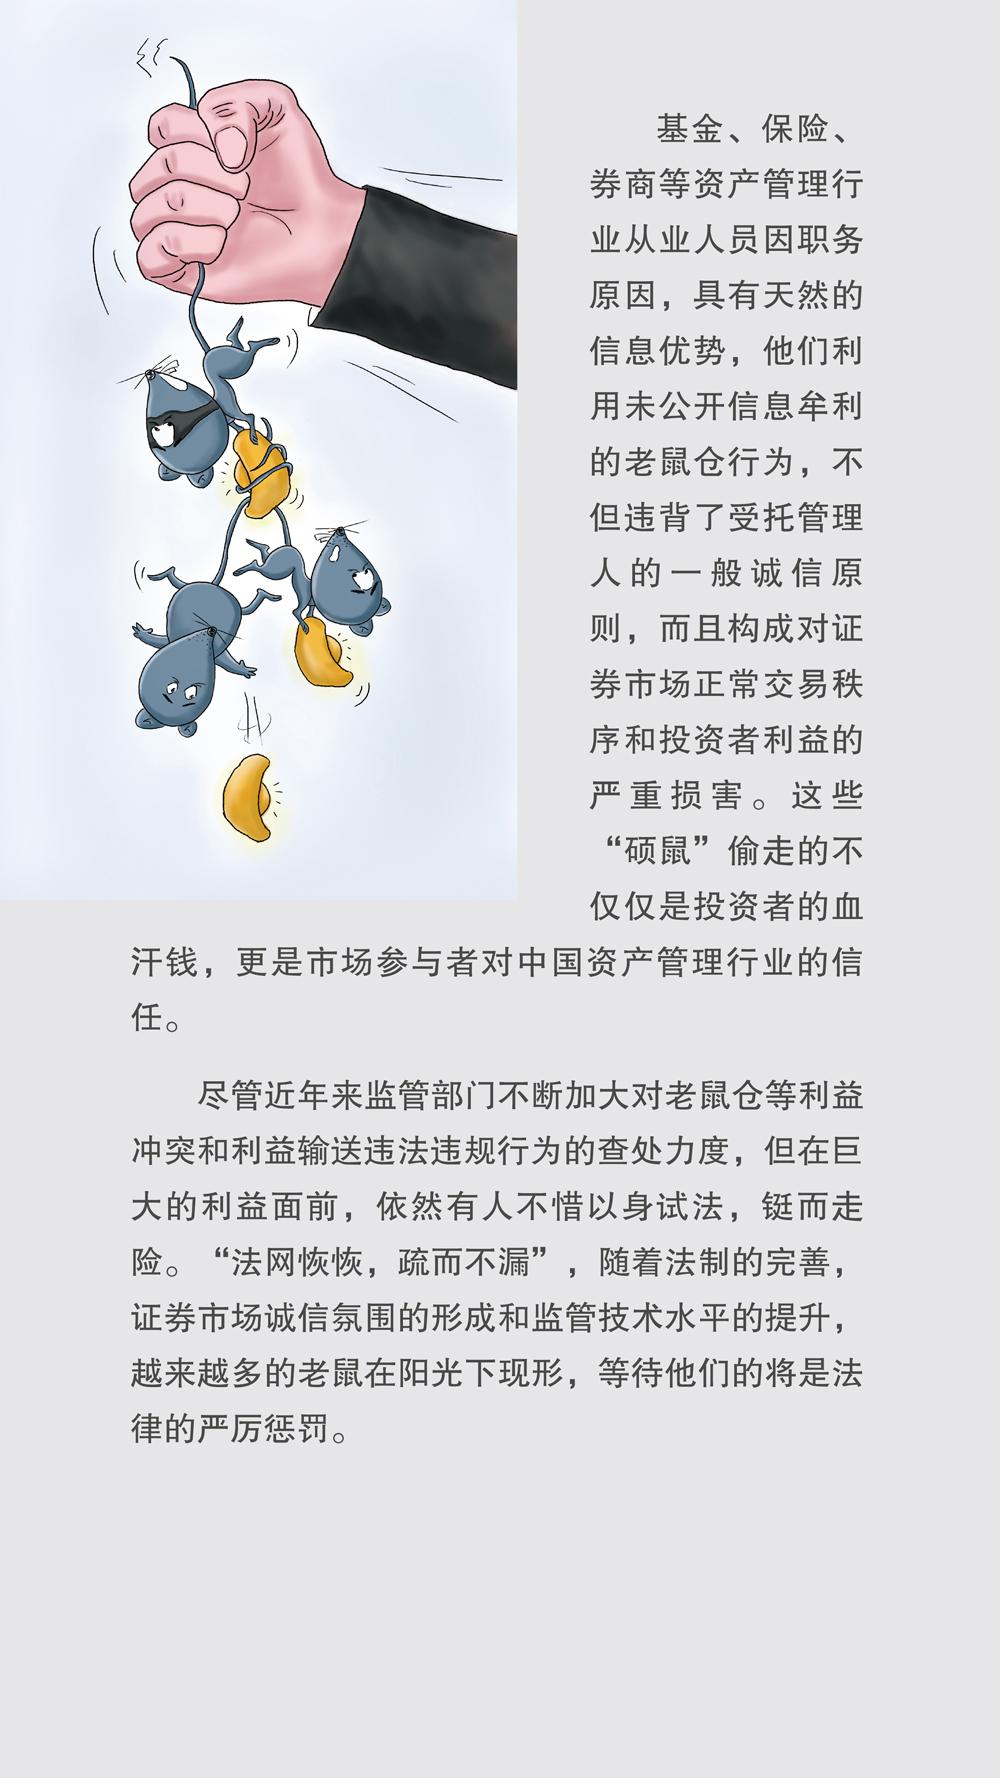 上海证监局内幕交易教育警示展39